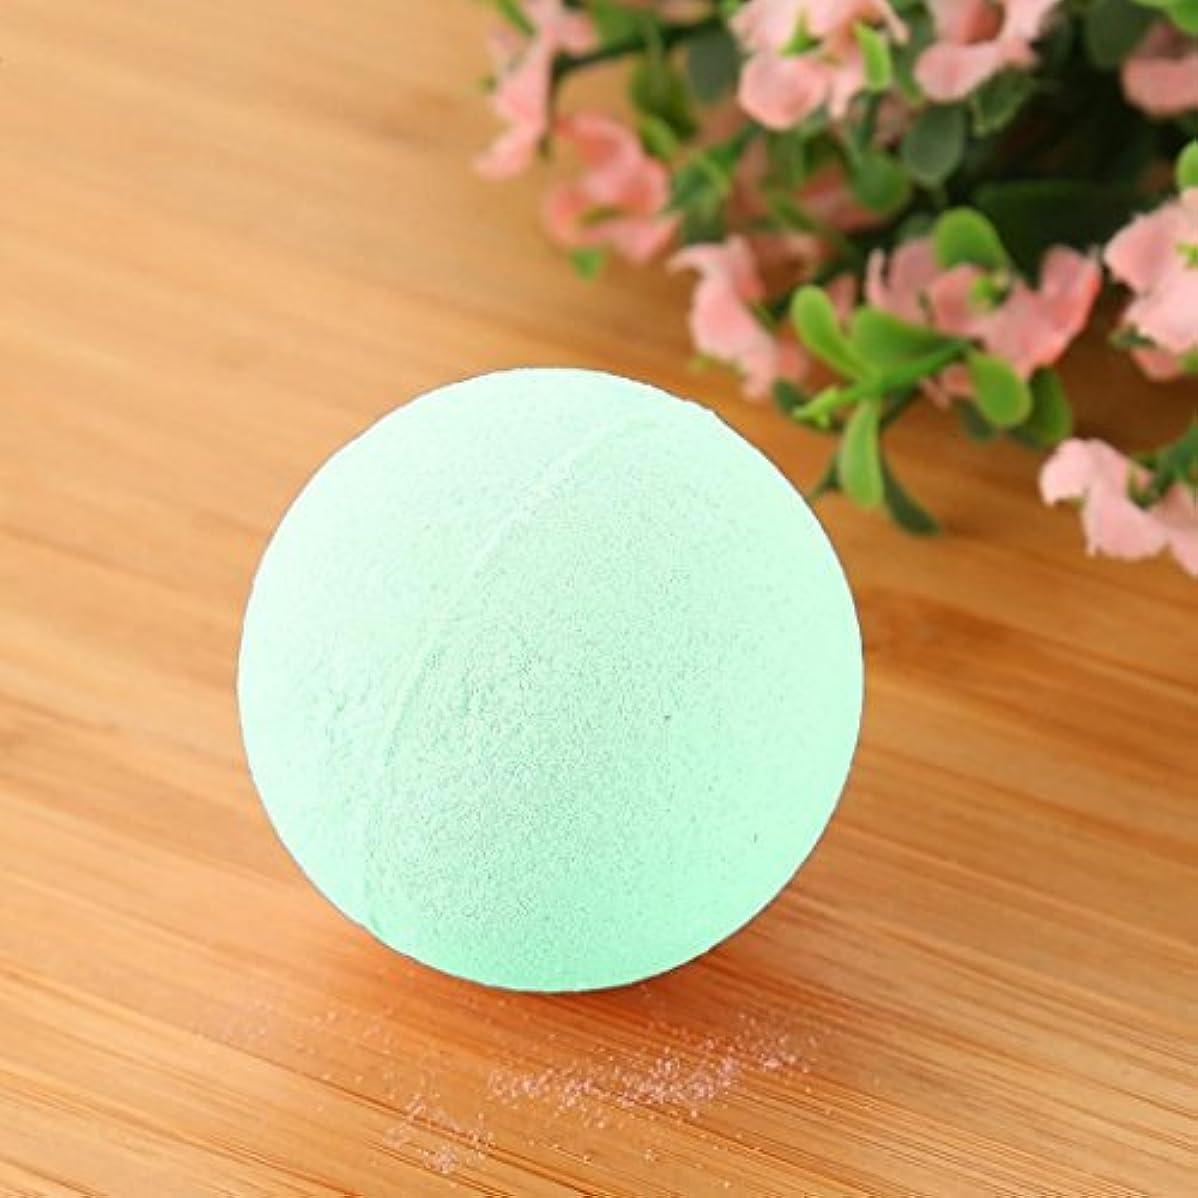 カカドゥ湿度パウダーバブルボール塩塩浴リラックス女性のための贈り物